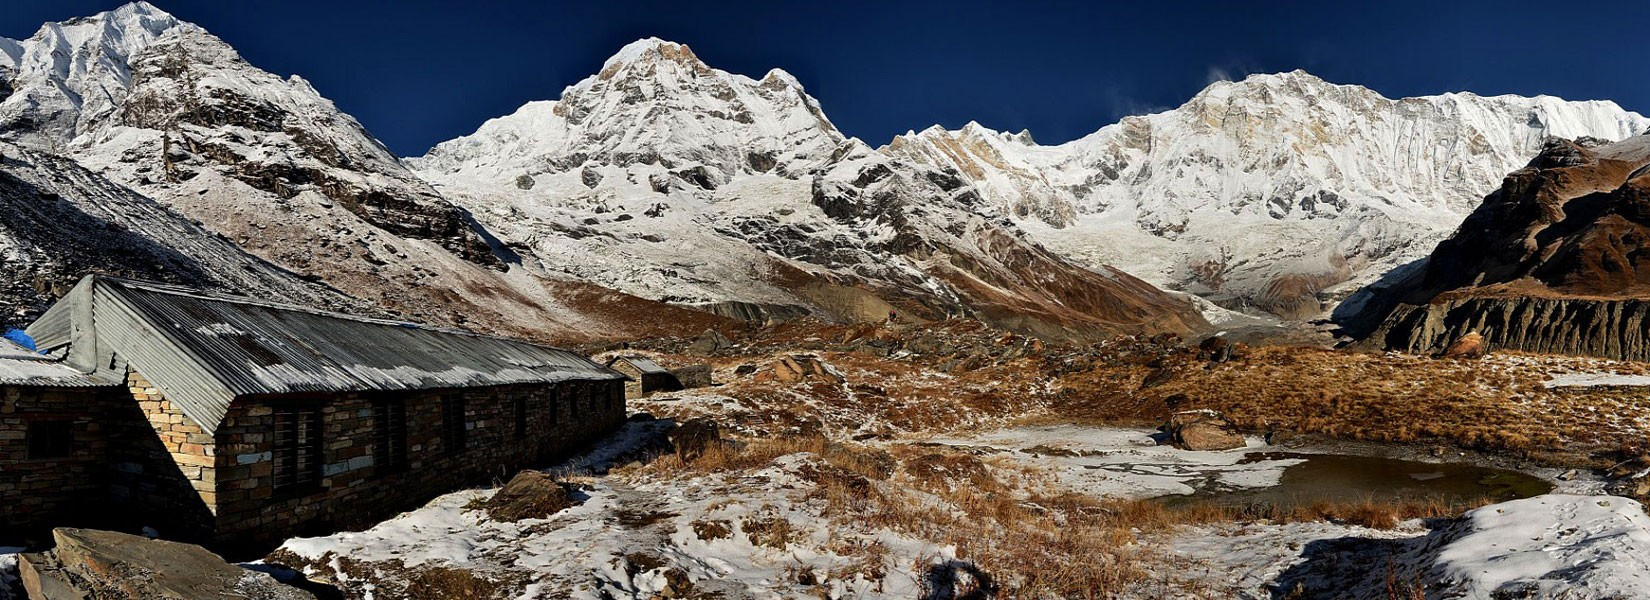 Tent Peak Climbing in Annapurna Region